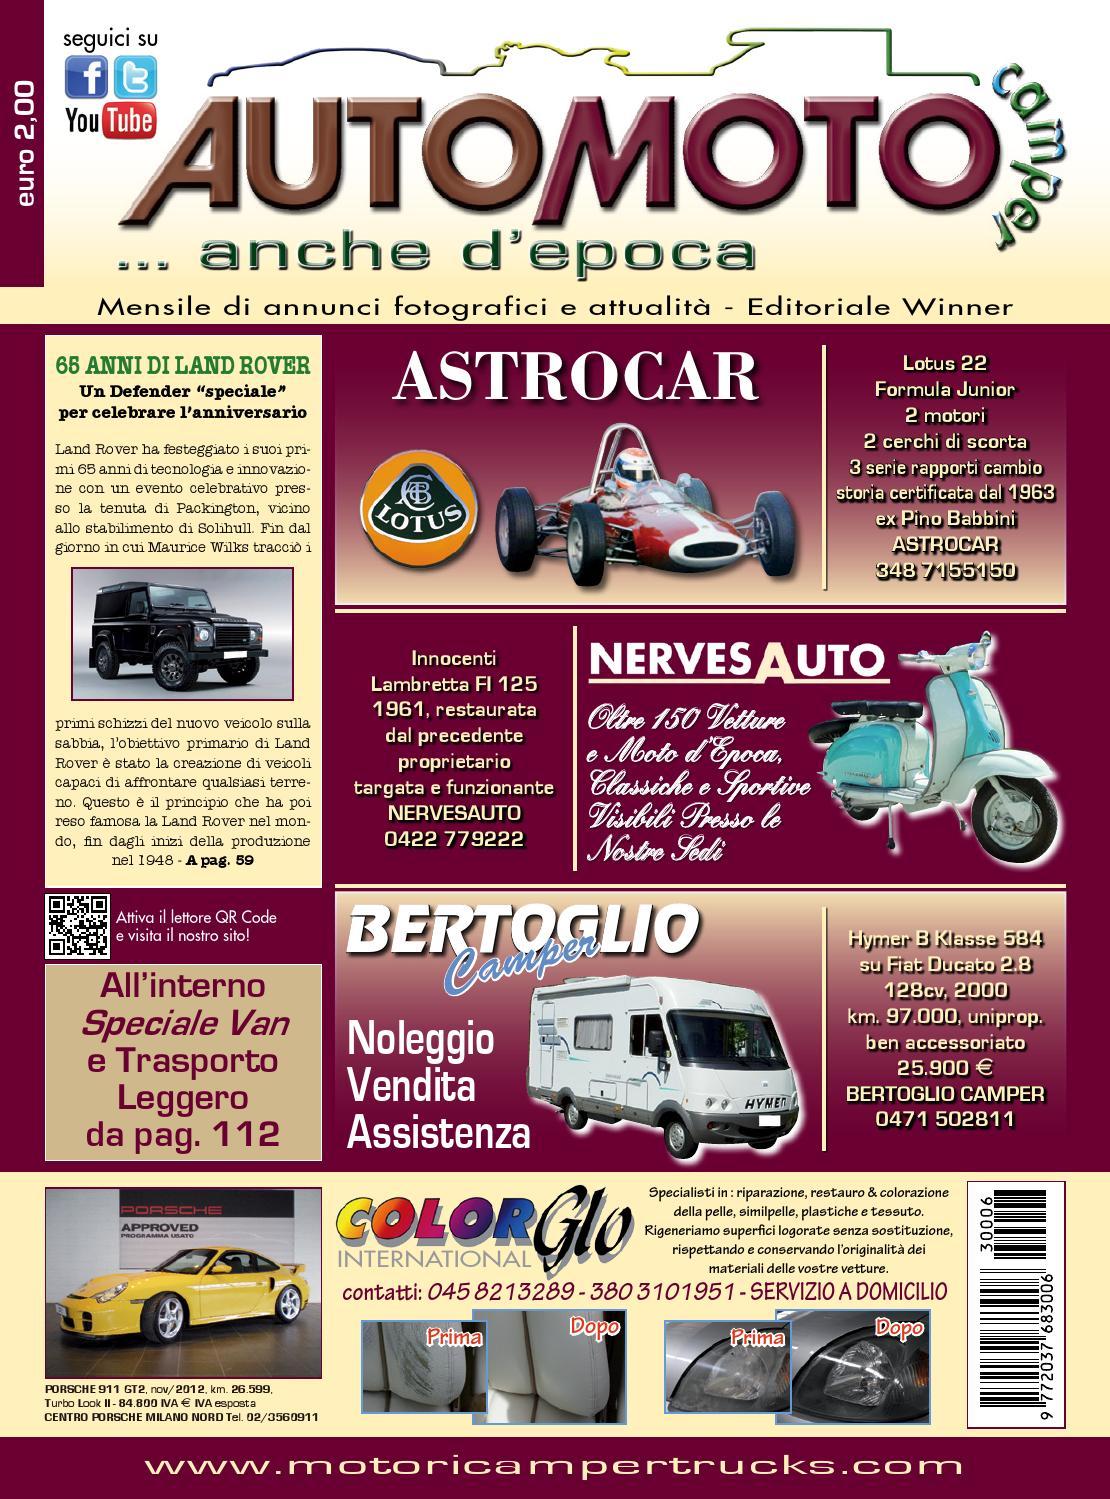 FORD Capri MK1 Cortina MK2 8 pollici MOLLE FRENO POSTERIORE N.O.S.